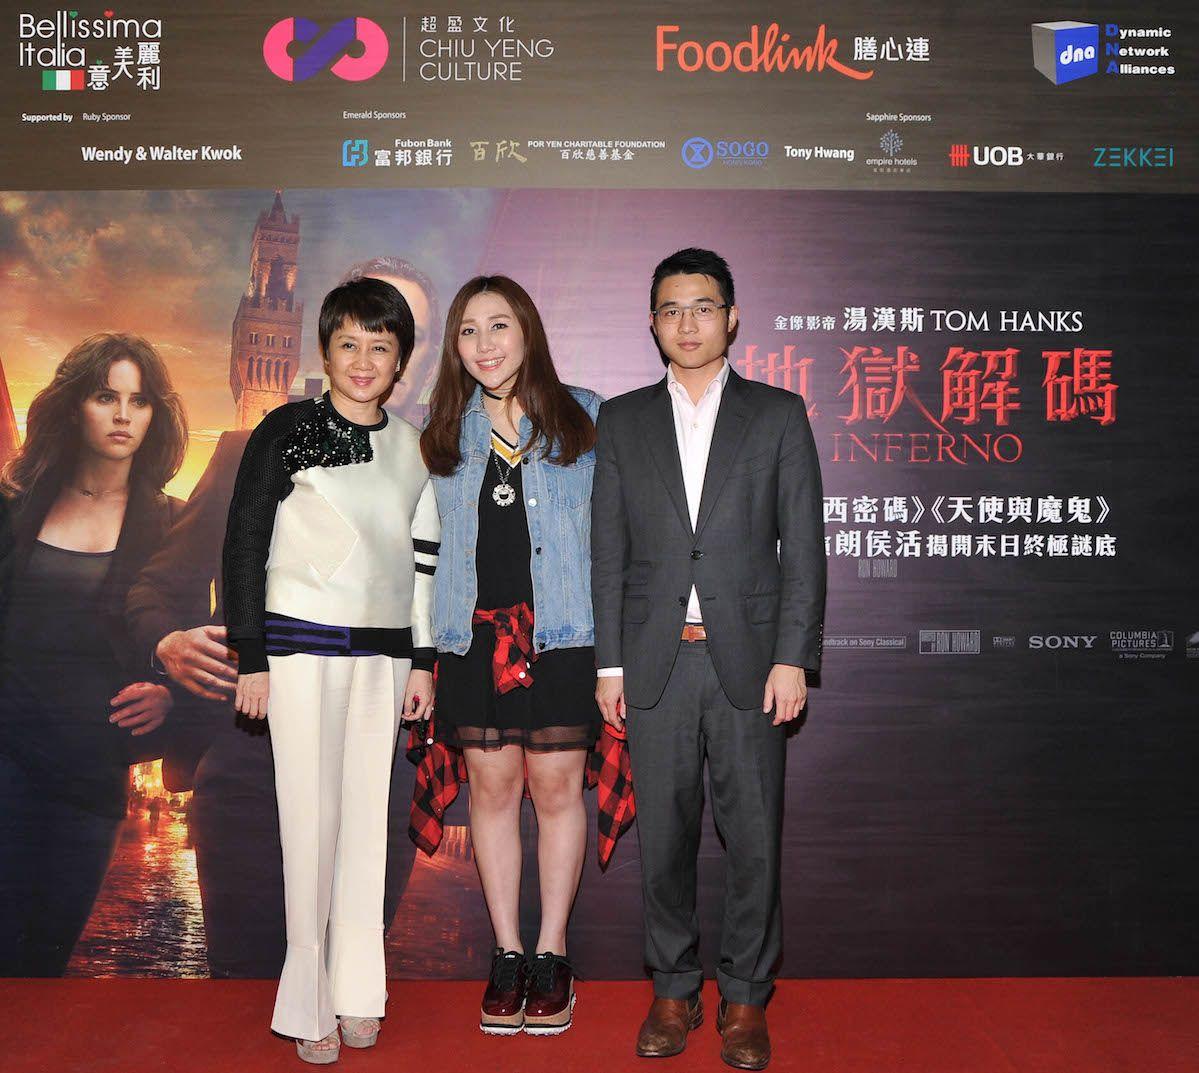 Angela Leong, Sabrina Ho and Arnaldo Ho